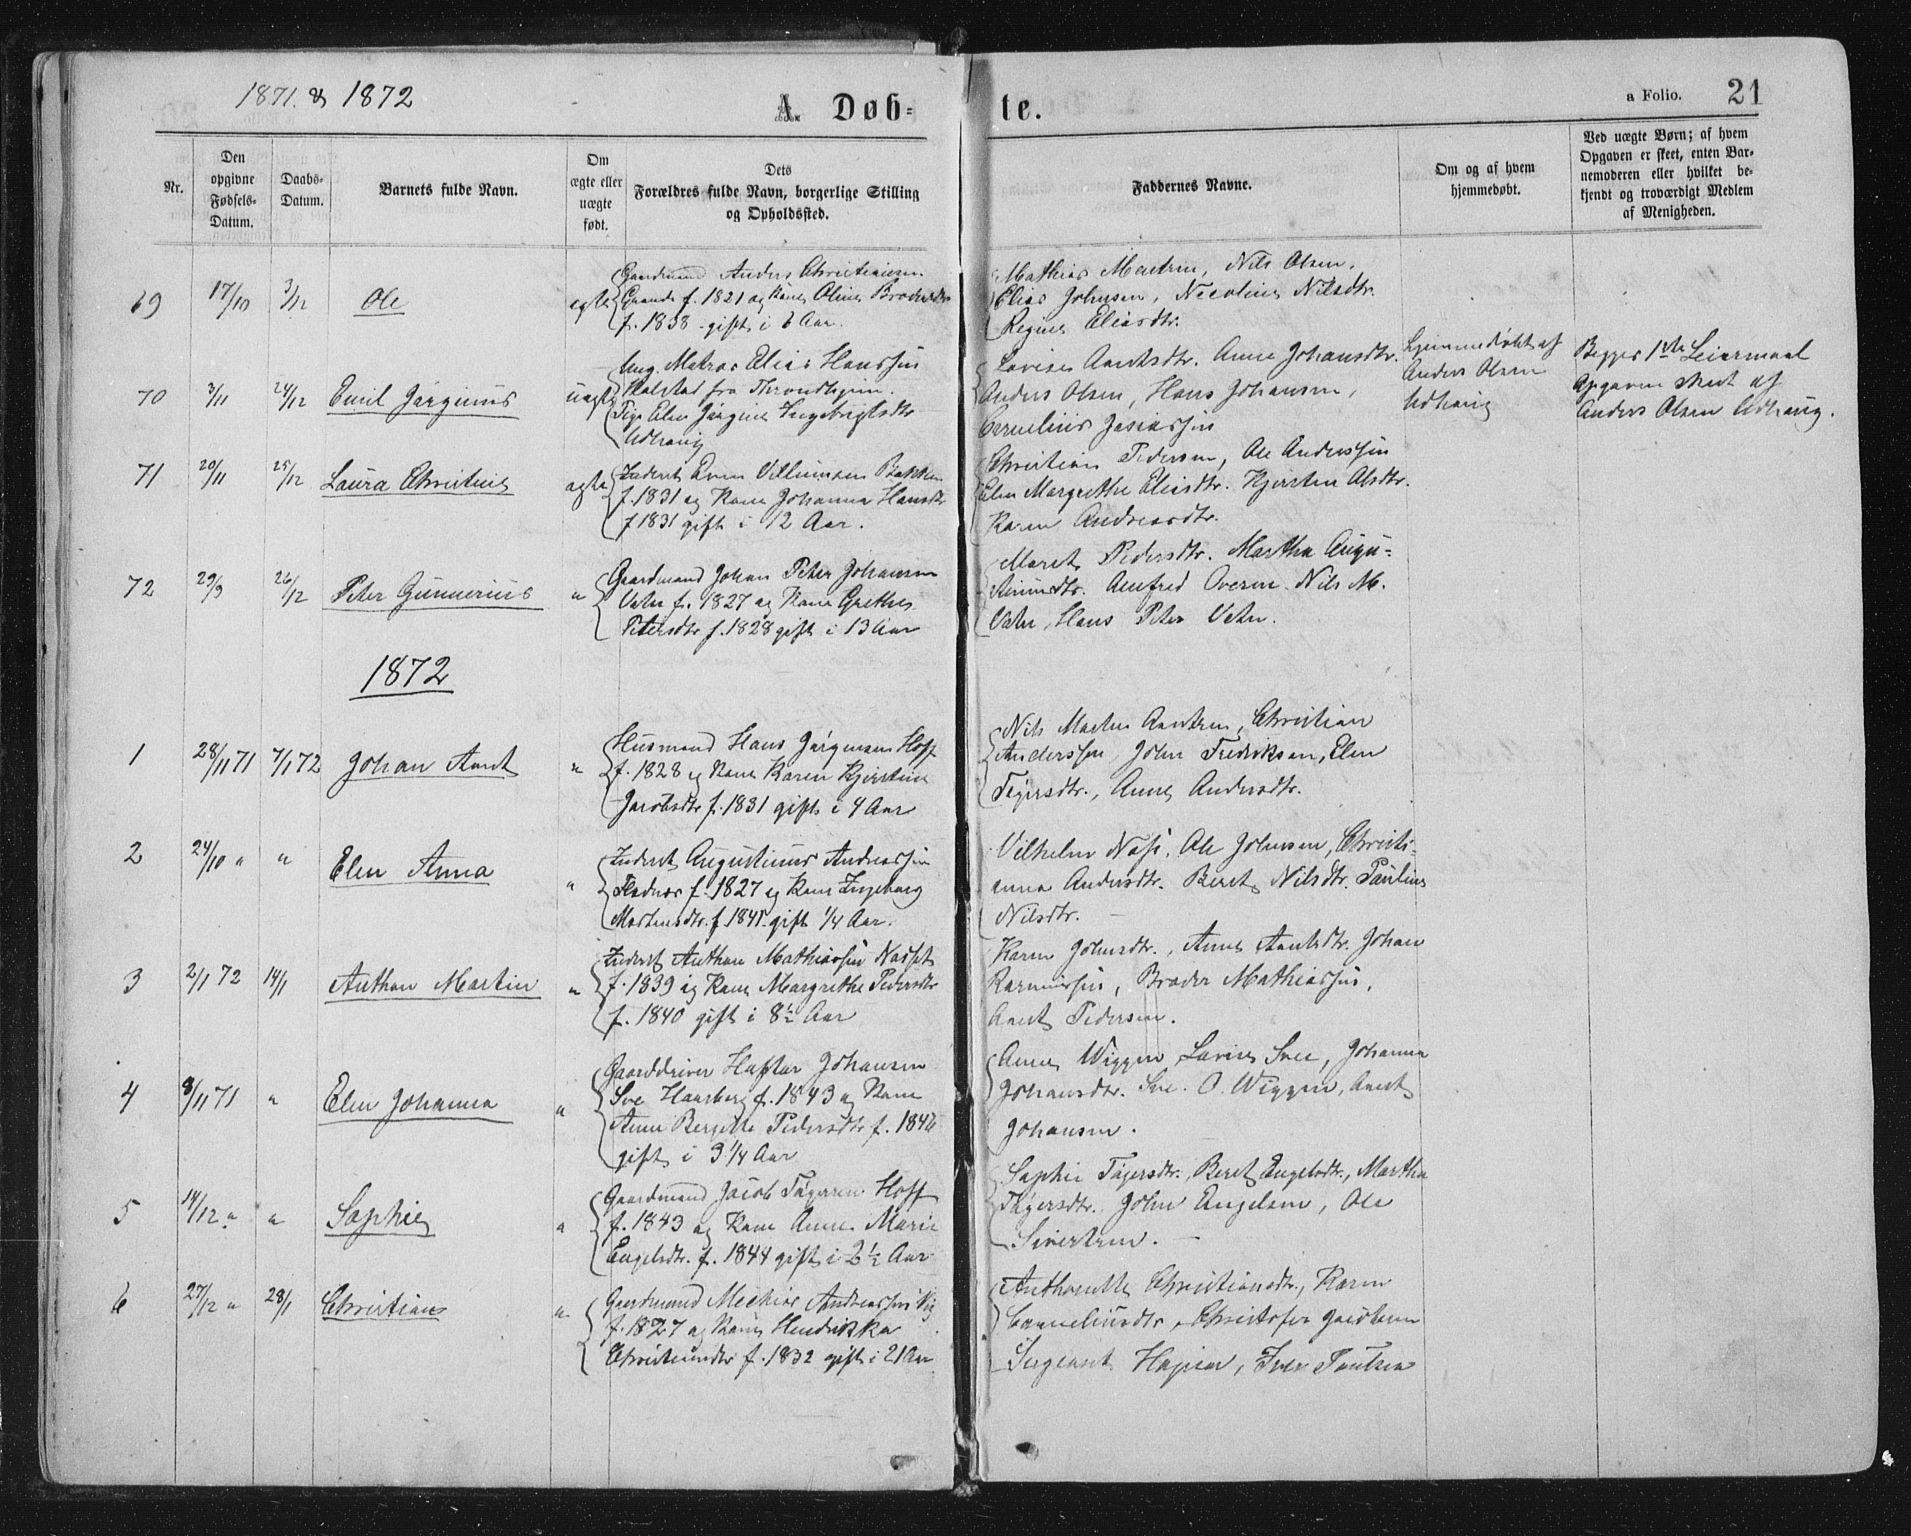 SAT, Ministerialprotokoller, klokkerbøker og fødselsregistre - Sør-Trøndelag, 659/L0745: Klokkerbok nr. 659C02, 1869-1892, s. 21